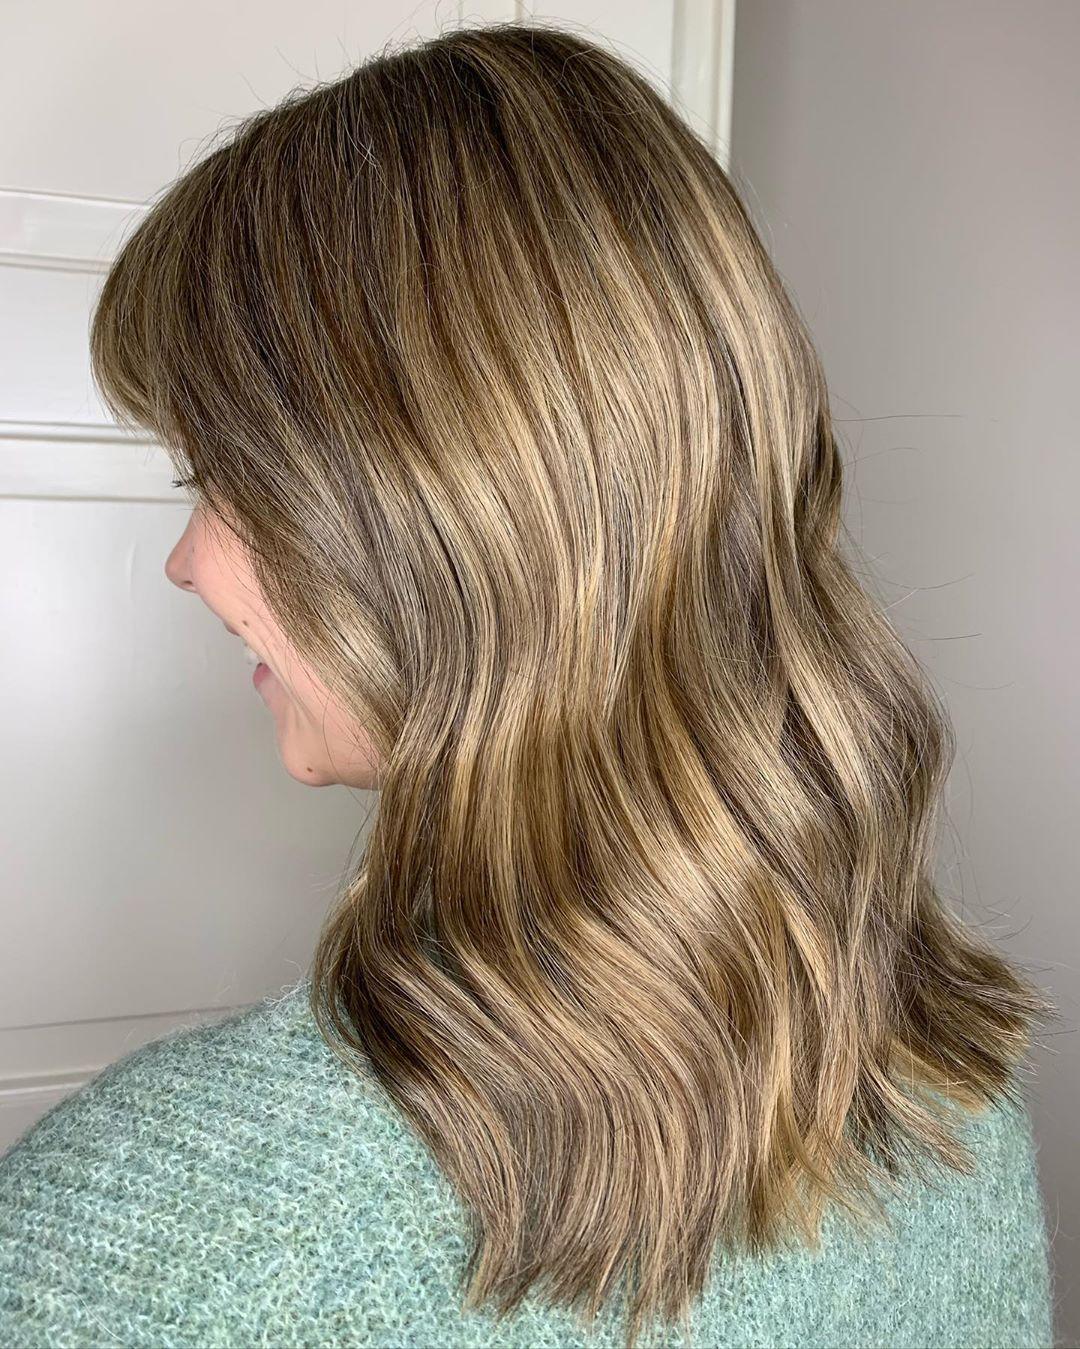 Mèches basses beiges sur cheveux blonds